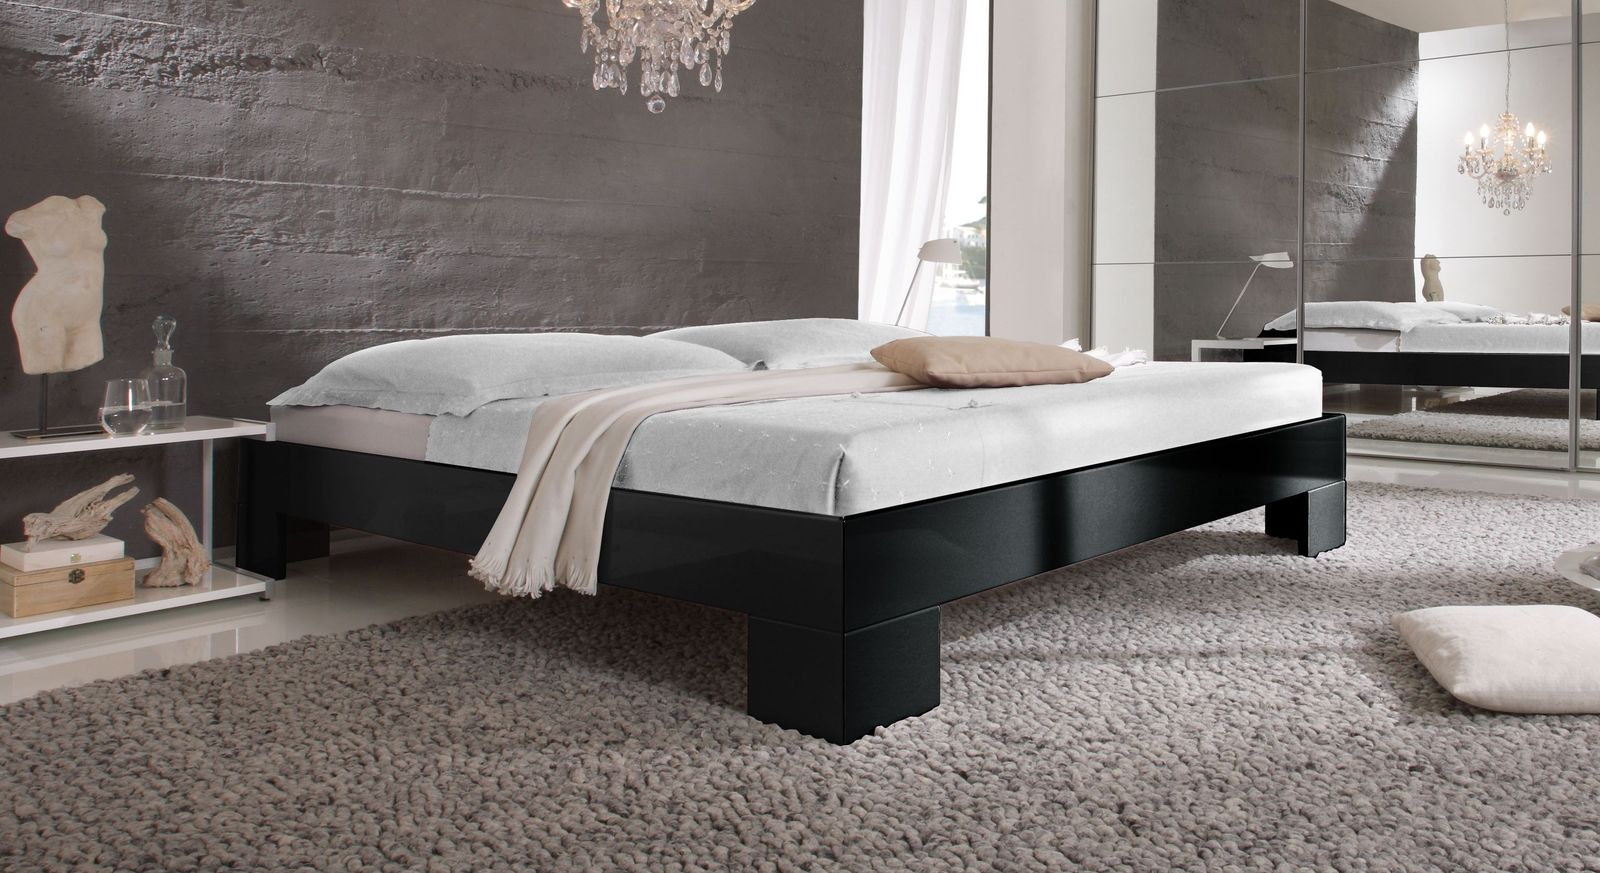 hochglanz liege in schwarz oder wei mit breiten f en arturo. Black Bedroom Furniture Sets. Home Design Ideas